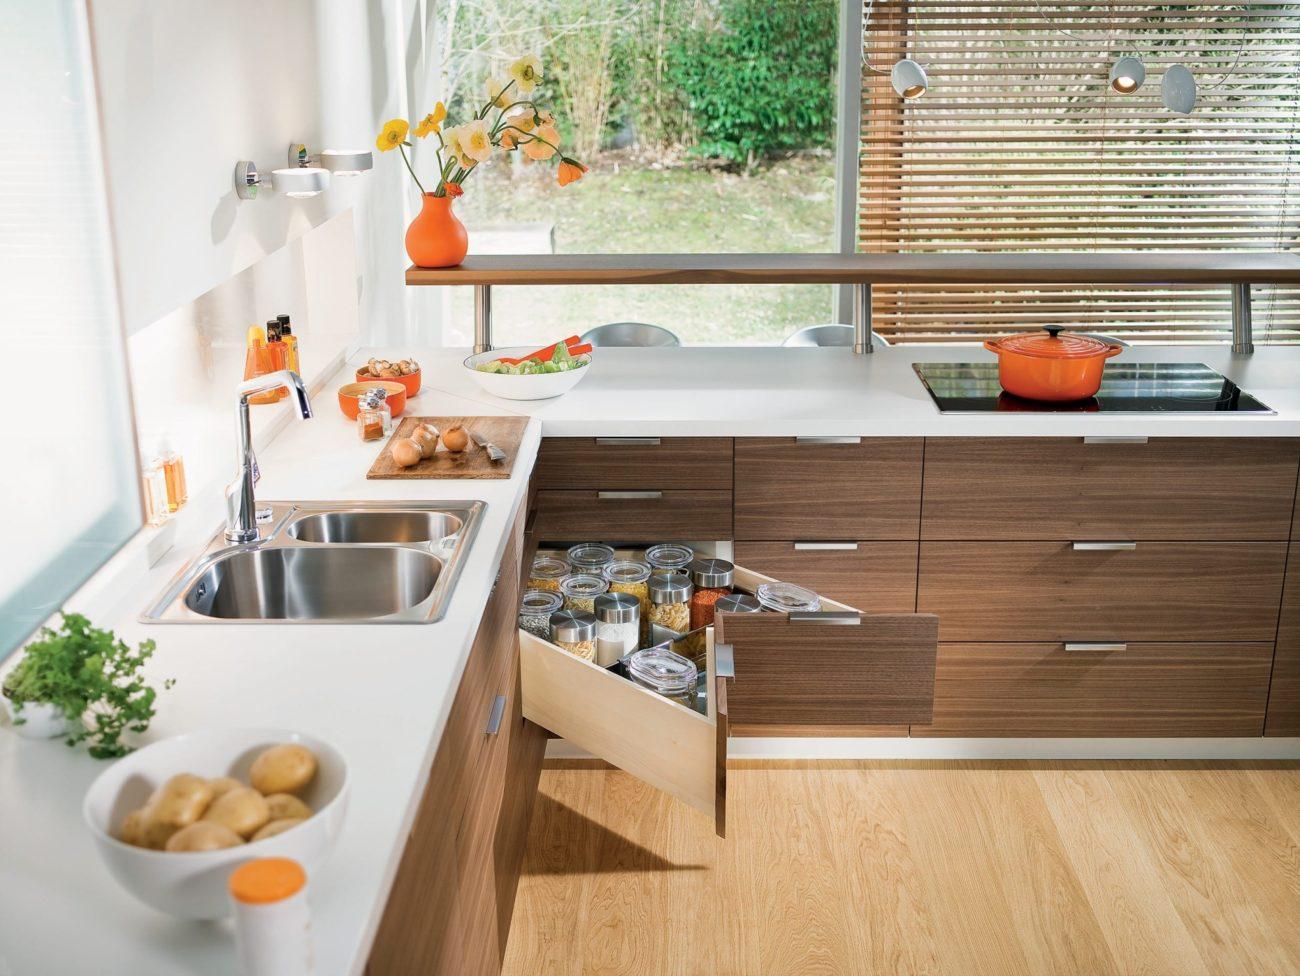 Full Size of Eckschrank In Der Kche Lsungen Halbschrank Schlafzimmer Bad Küche Küchen Regal Wohnzimmer Küchen Eckschrank Rondell